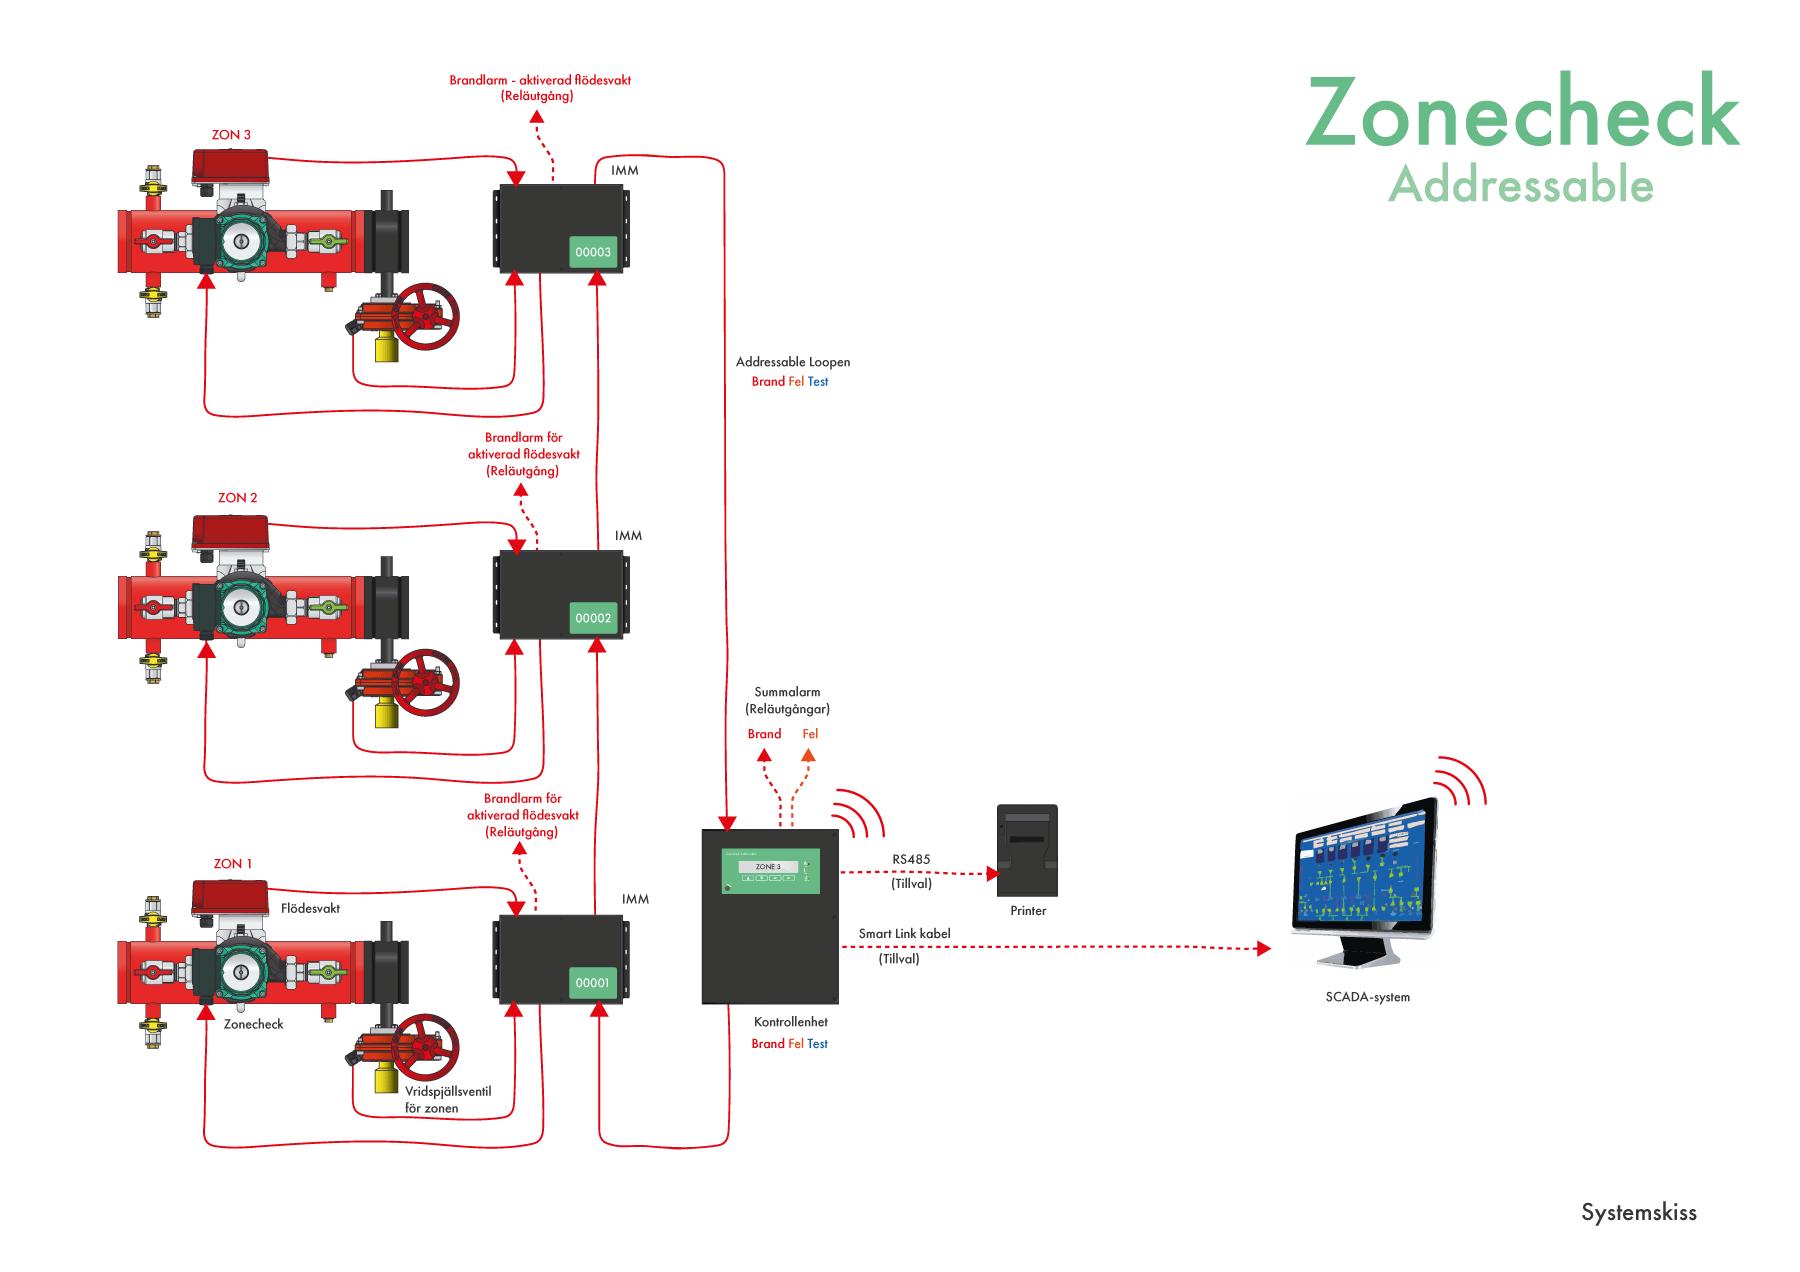 Zonecheck Addressable